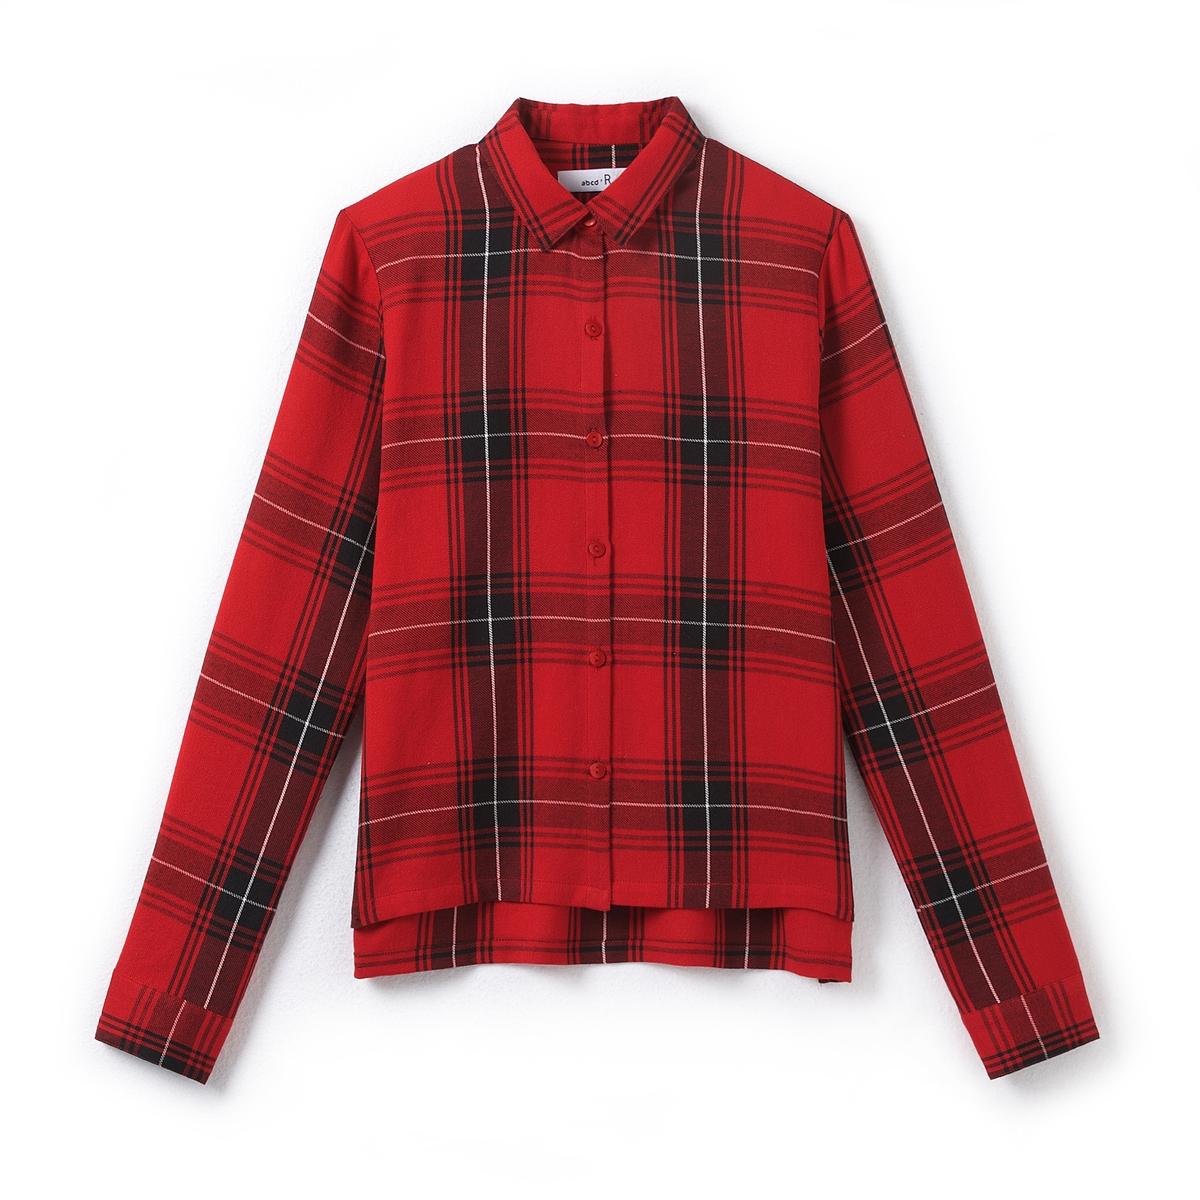 Рубашка классическая для девочек из хлопка